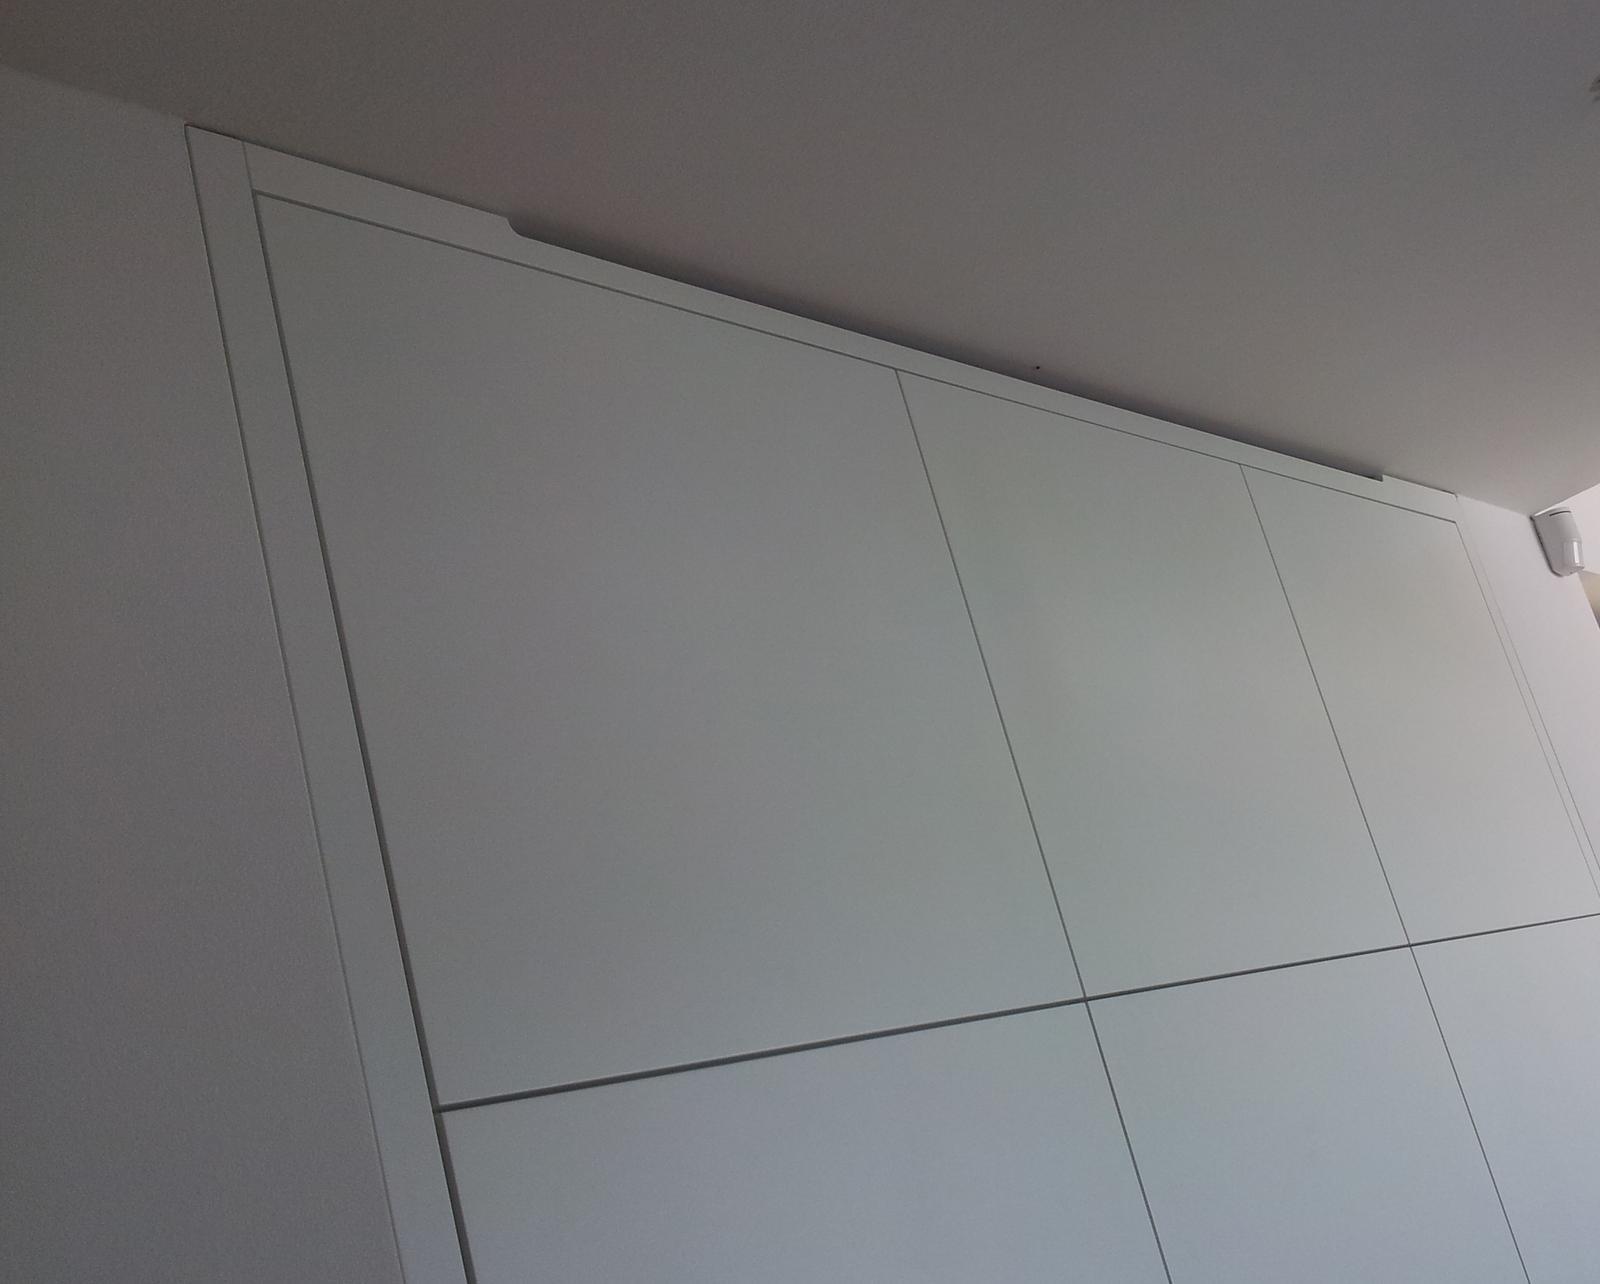 Biela lakovaná kuchyňa - detaily - foto dolištovania - výrez pre prúdenie vzduchu od spotrebičov